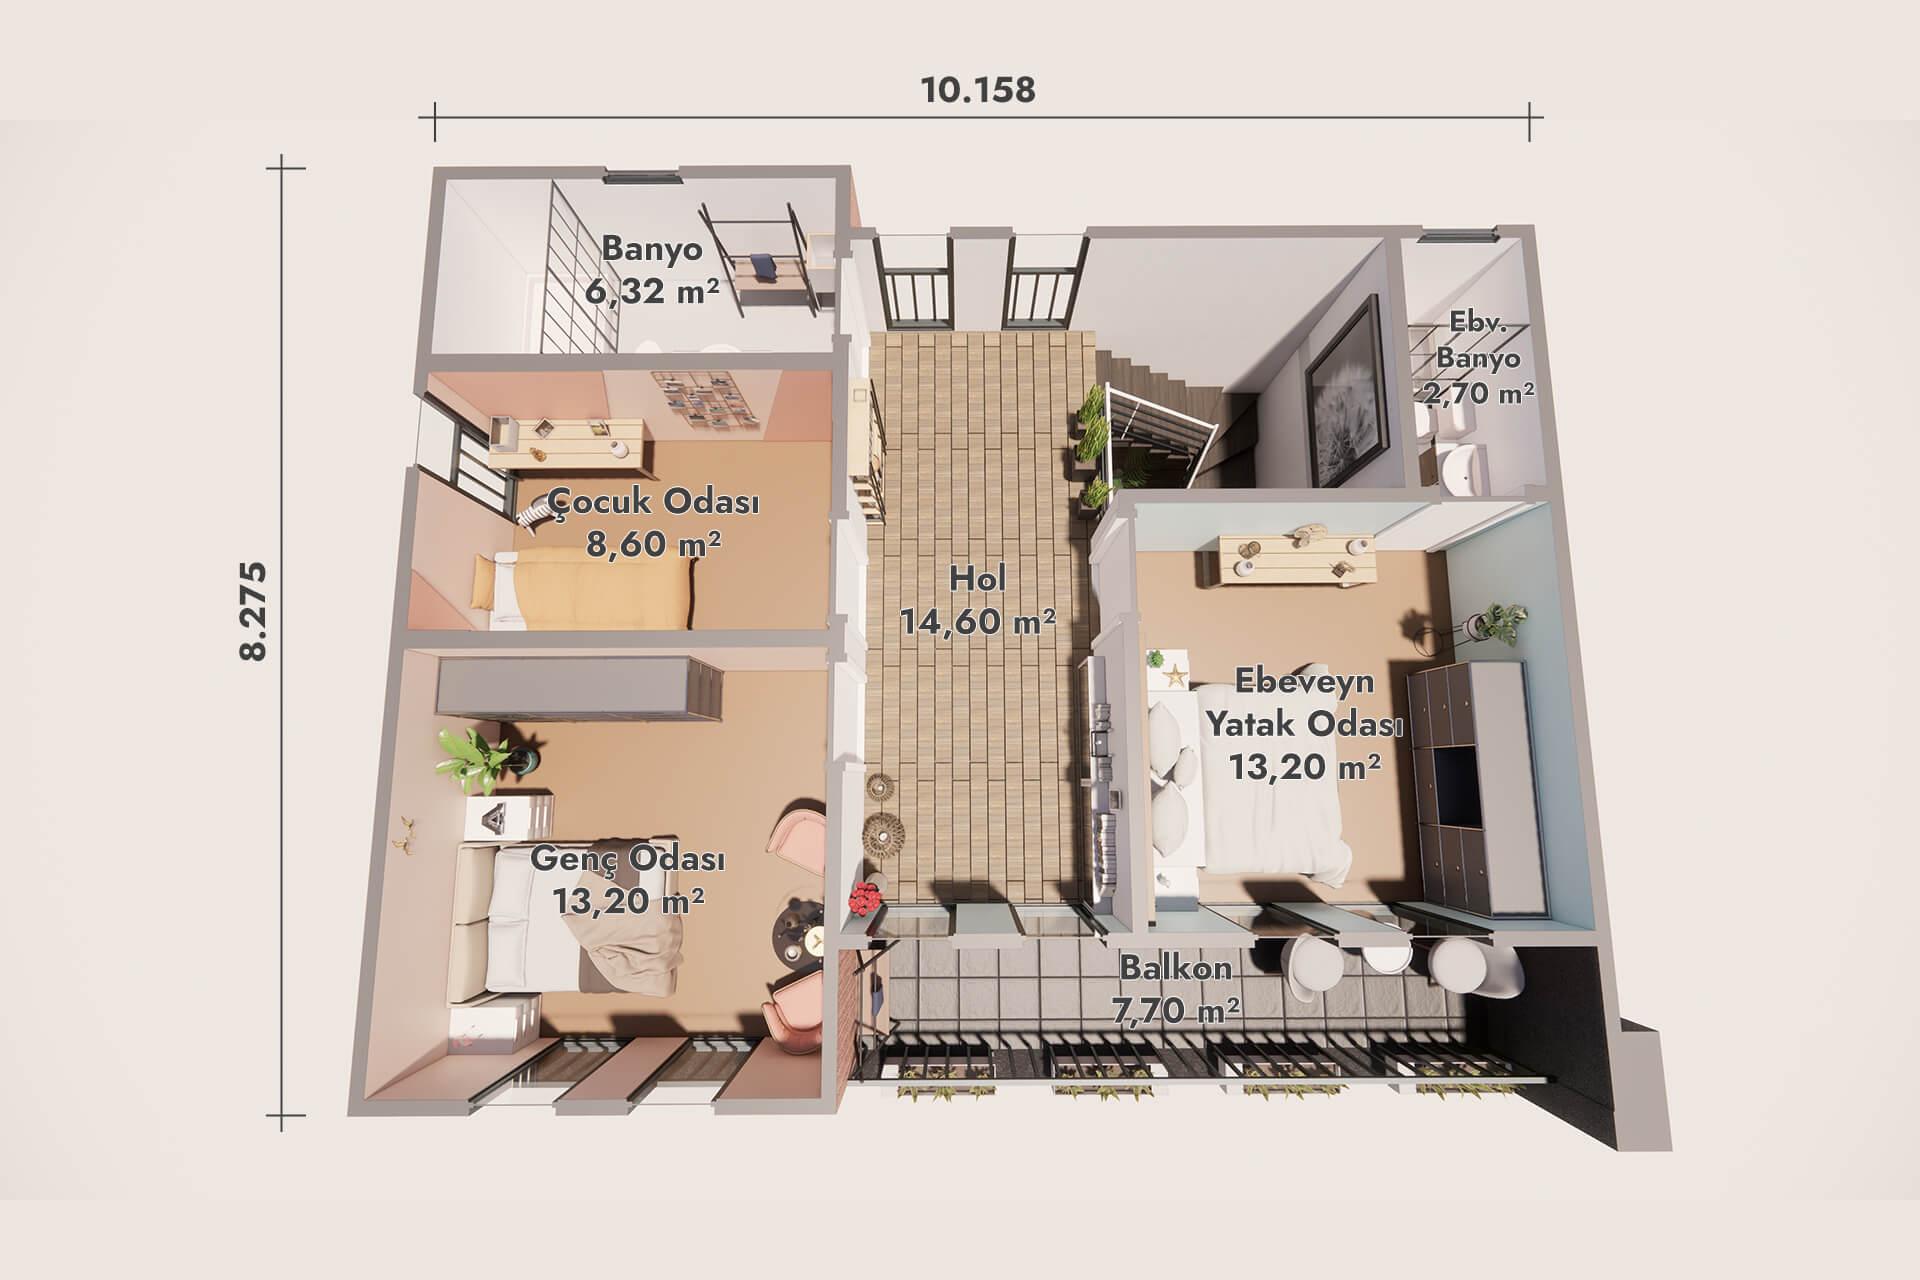 فيلا حديثة جاهزة الصنع 160 م 2 - الطابق الأرضي